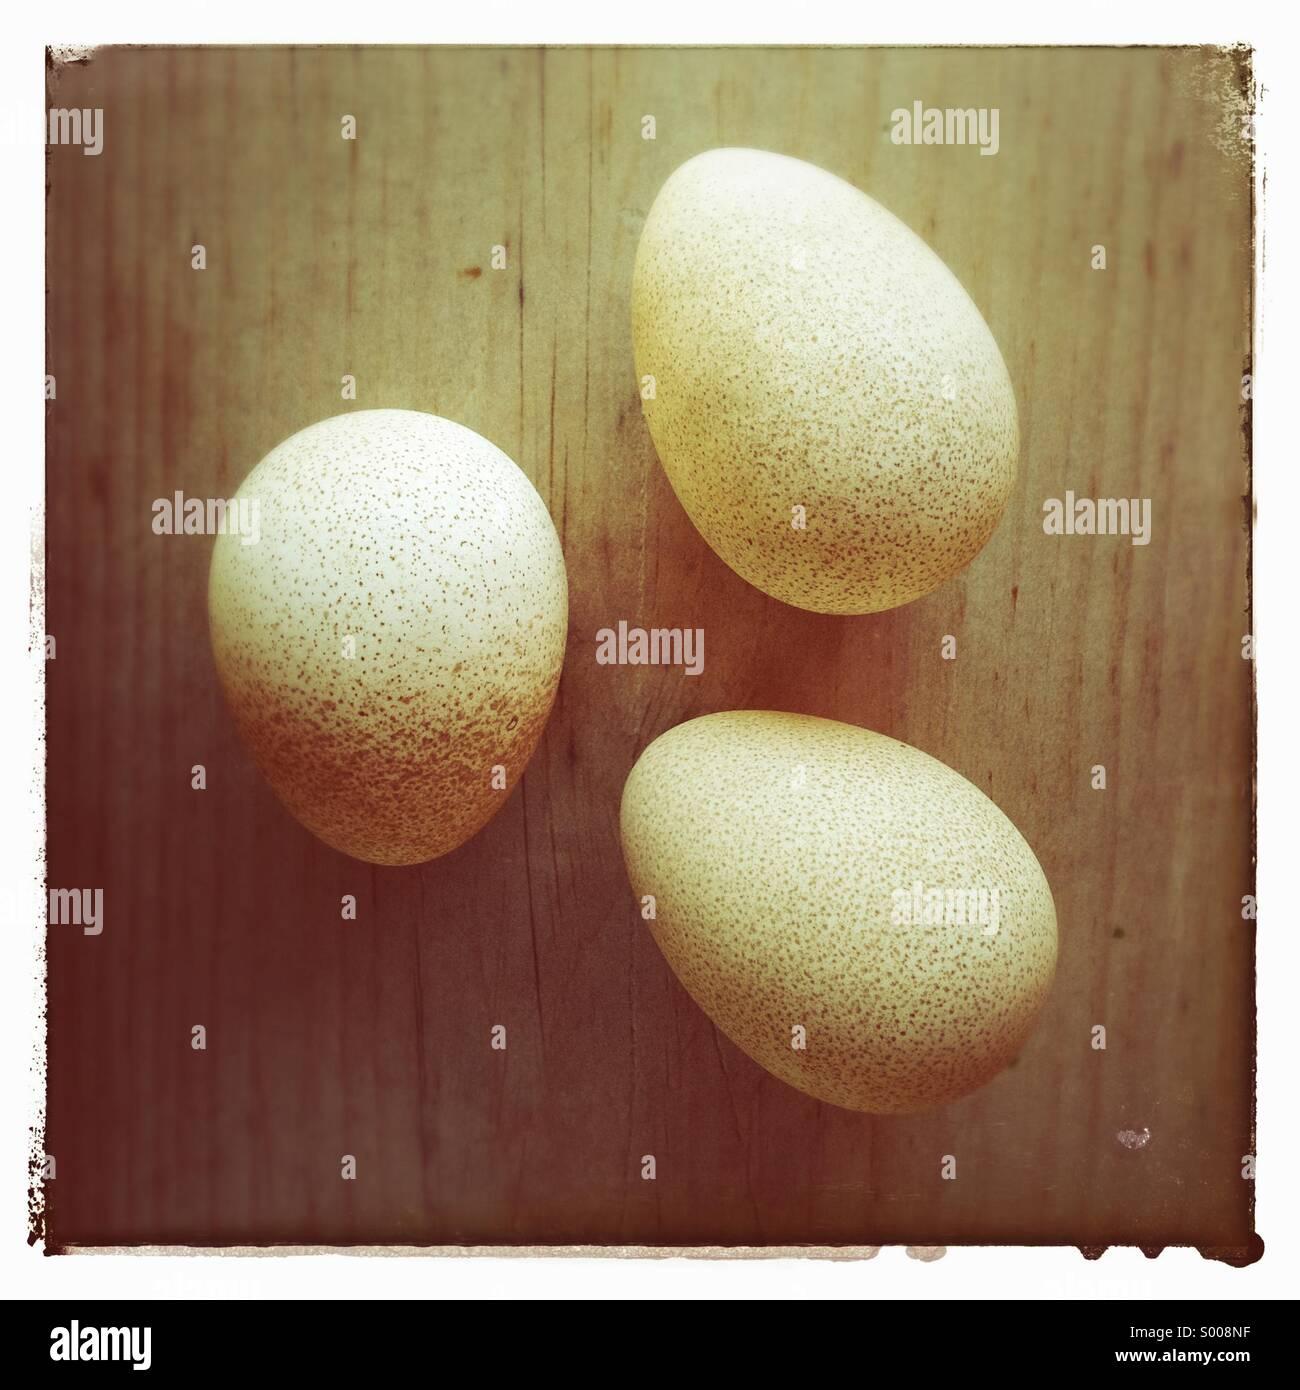 Guinea fowl eggs - Stock Image